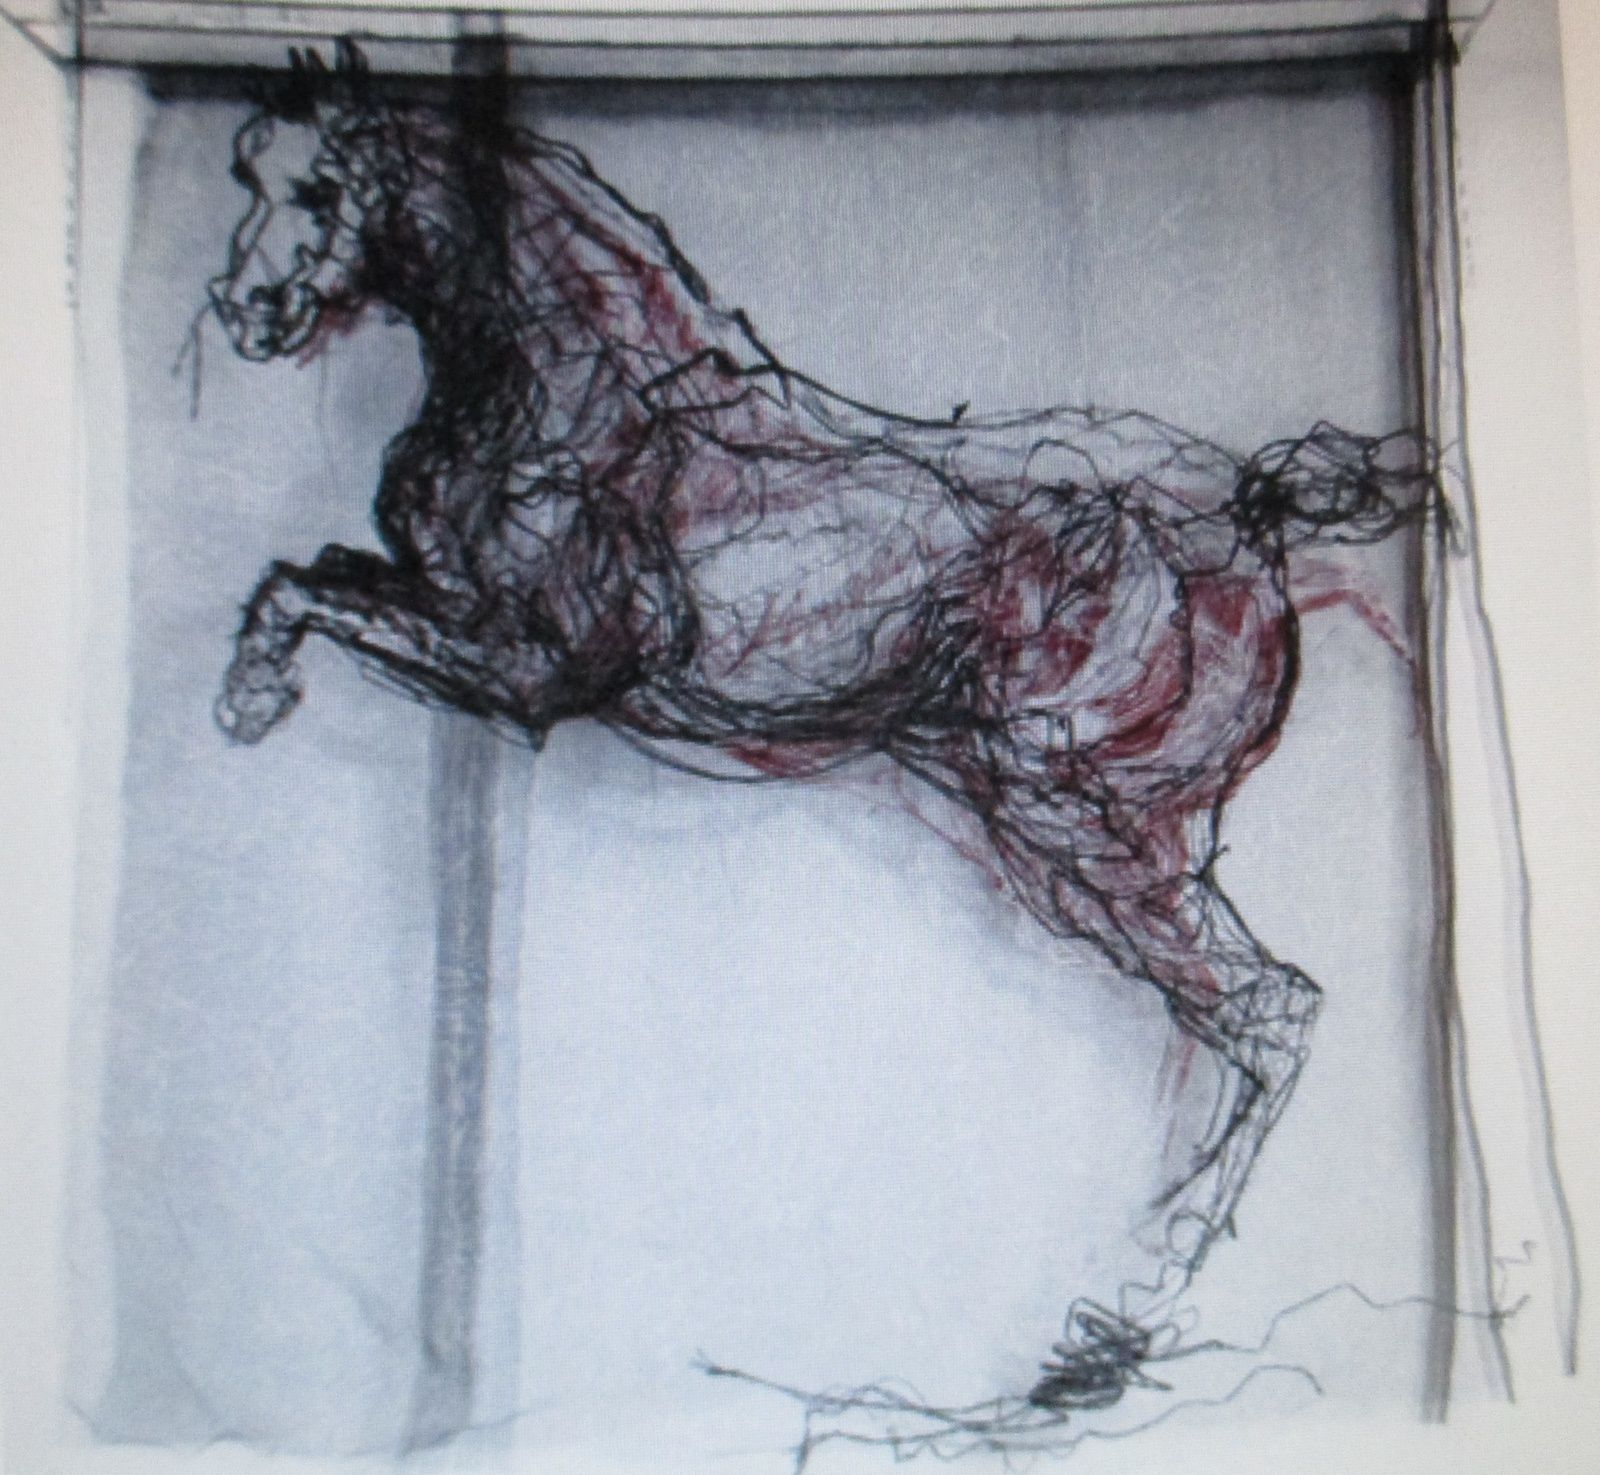 Une oeuvre monumentale....Valérye , amoureuse de la gent équine va apprécier !!!!